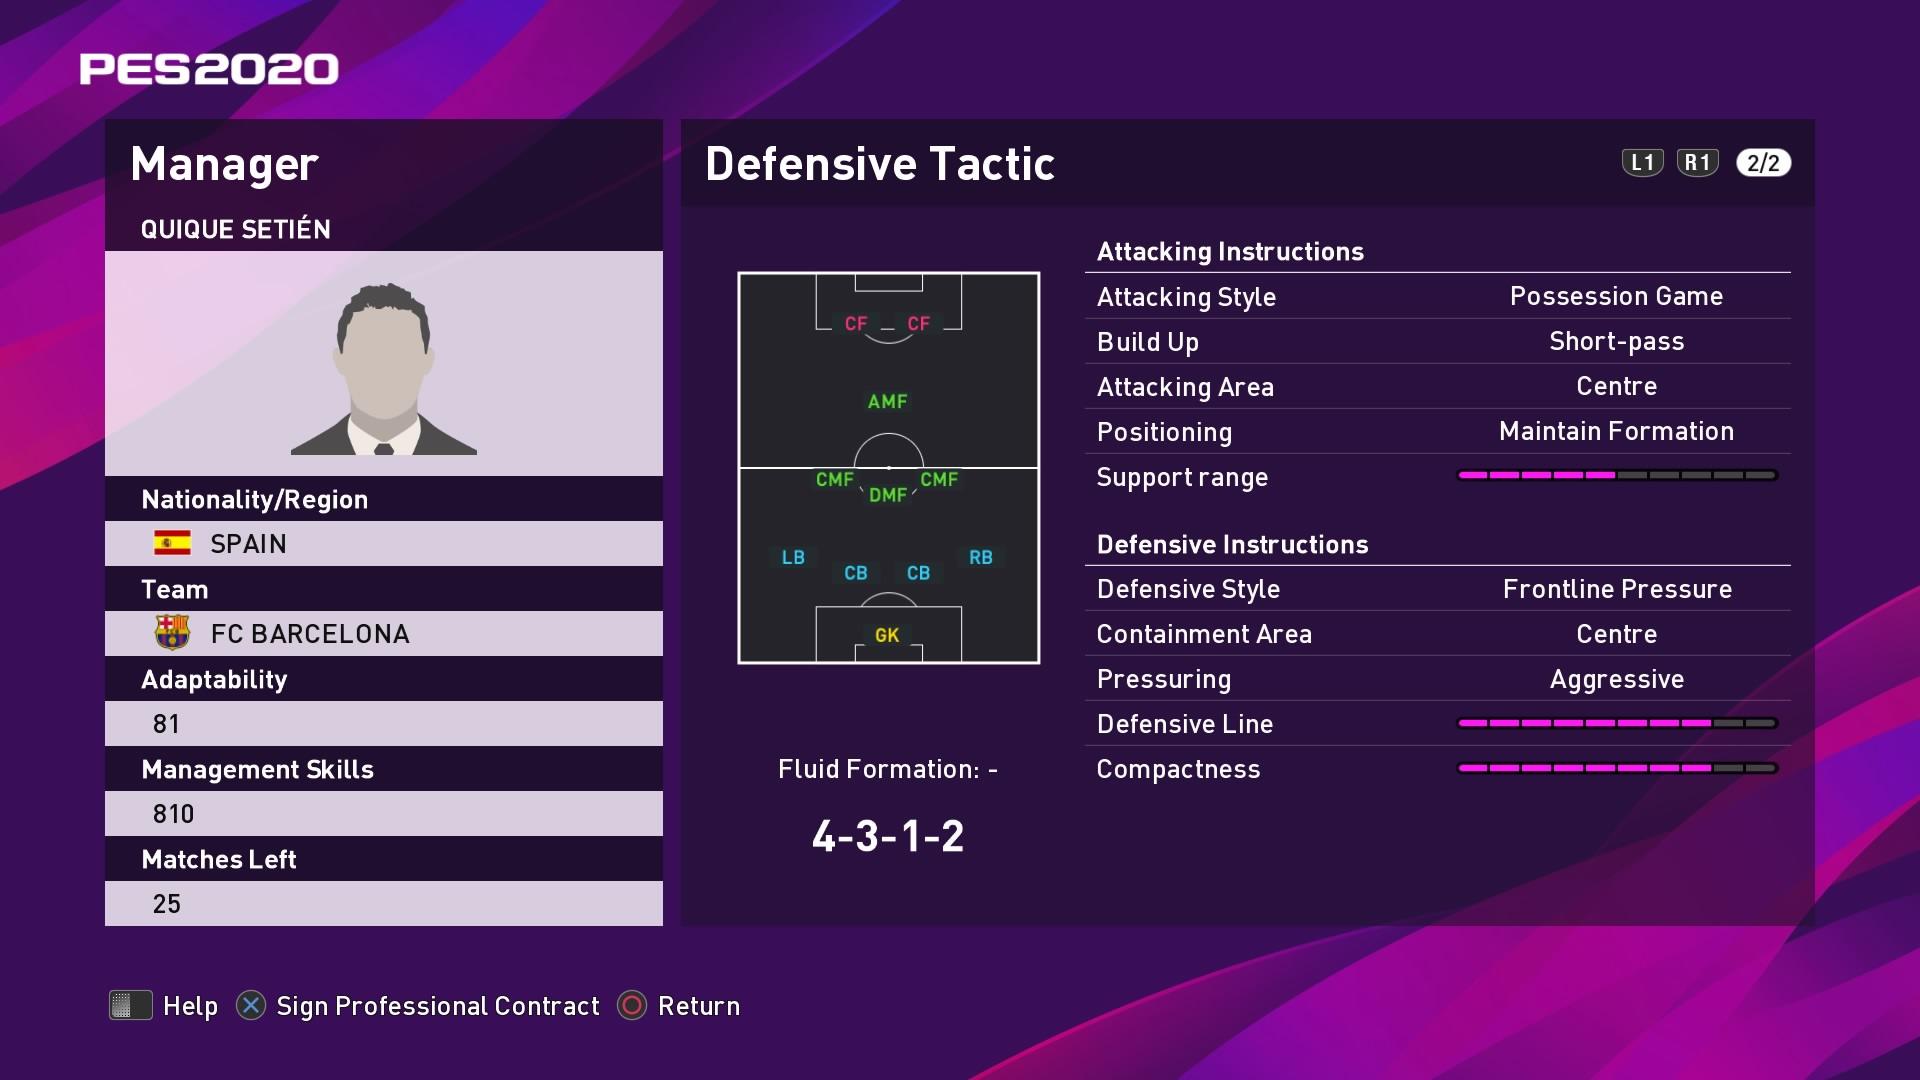 Quique Setién Defensive Tactic in PES 2020 myClub